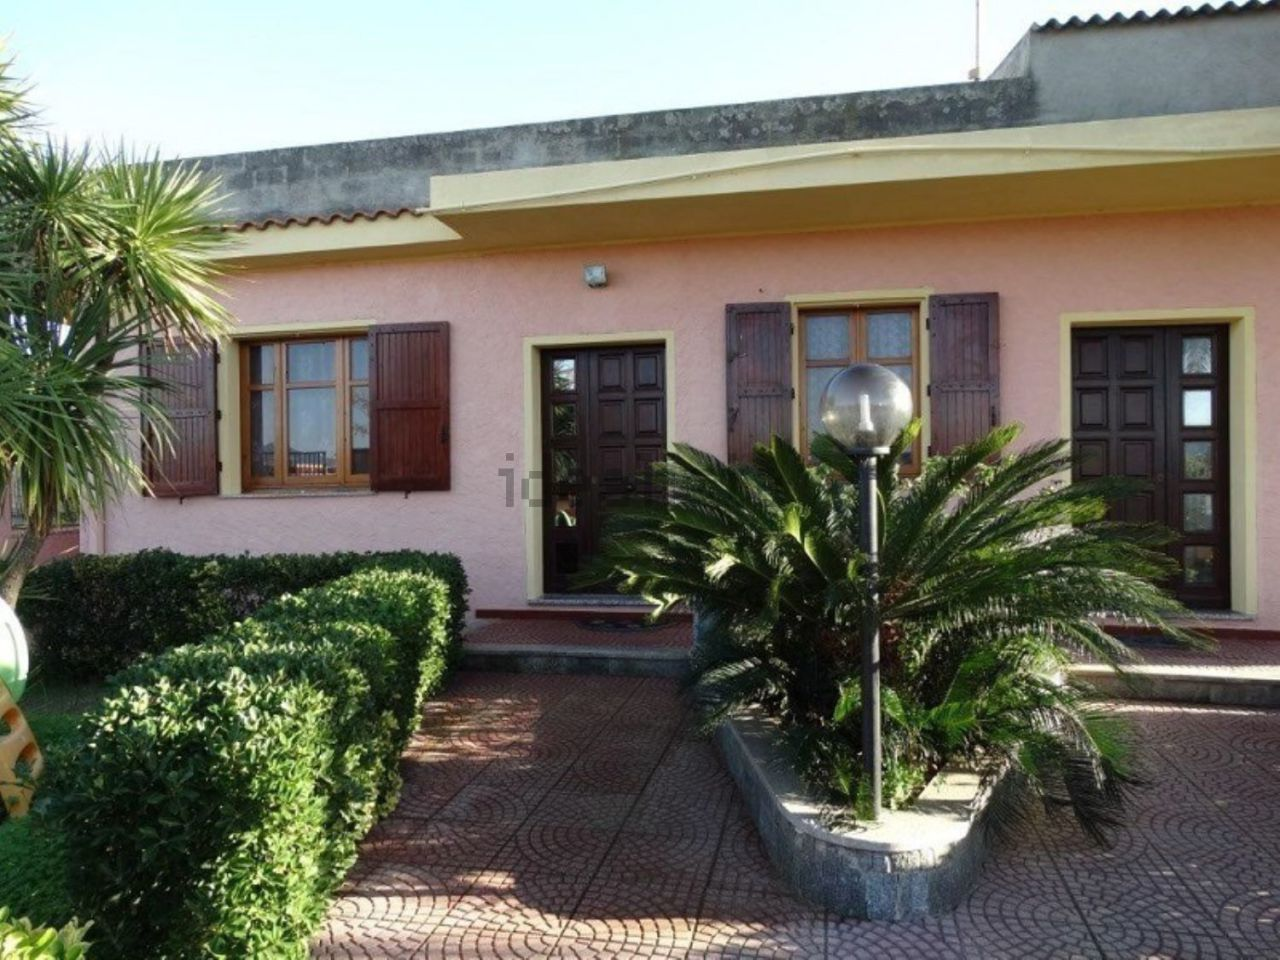 Soluzione Indipendente in vendita a Quartu Sant'Elena, 5 locali, prezzo € 240.000 | Cambio Casa.it